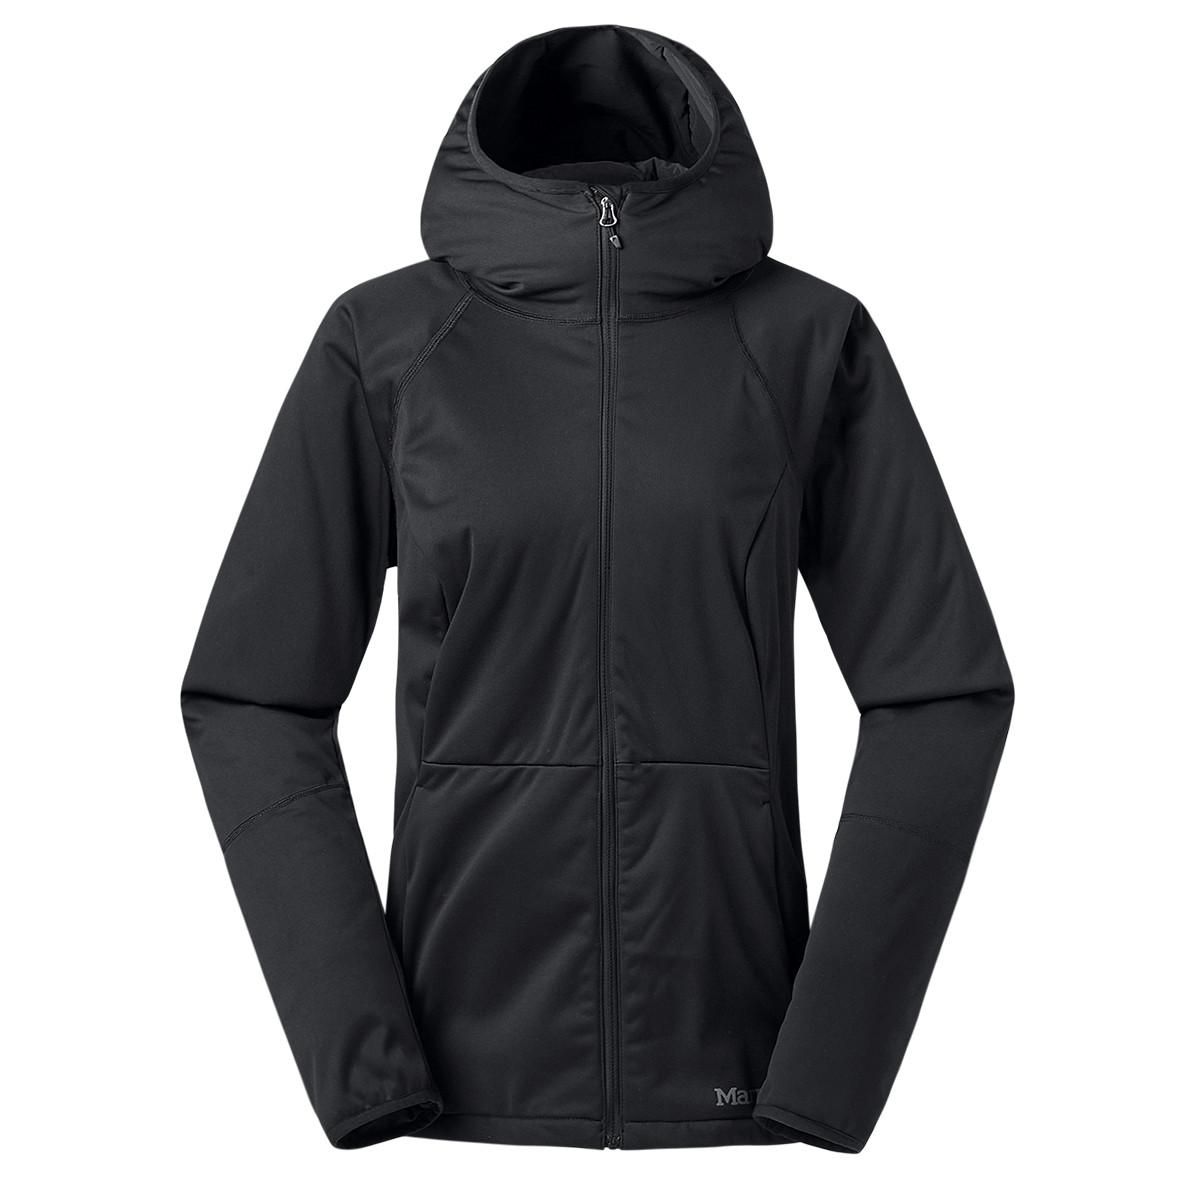 土拨鼠土拨鼠Marmot 2019年新款防风防泼水 透气舒适女款M1软壳上衣V86500001